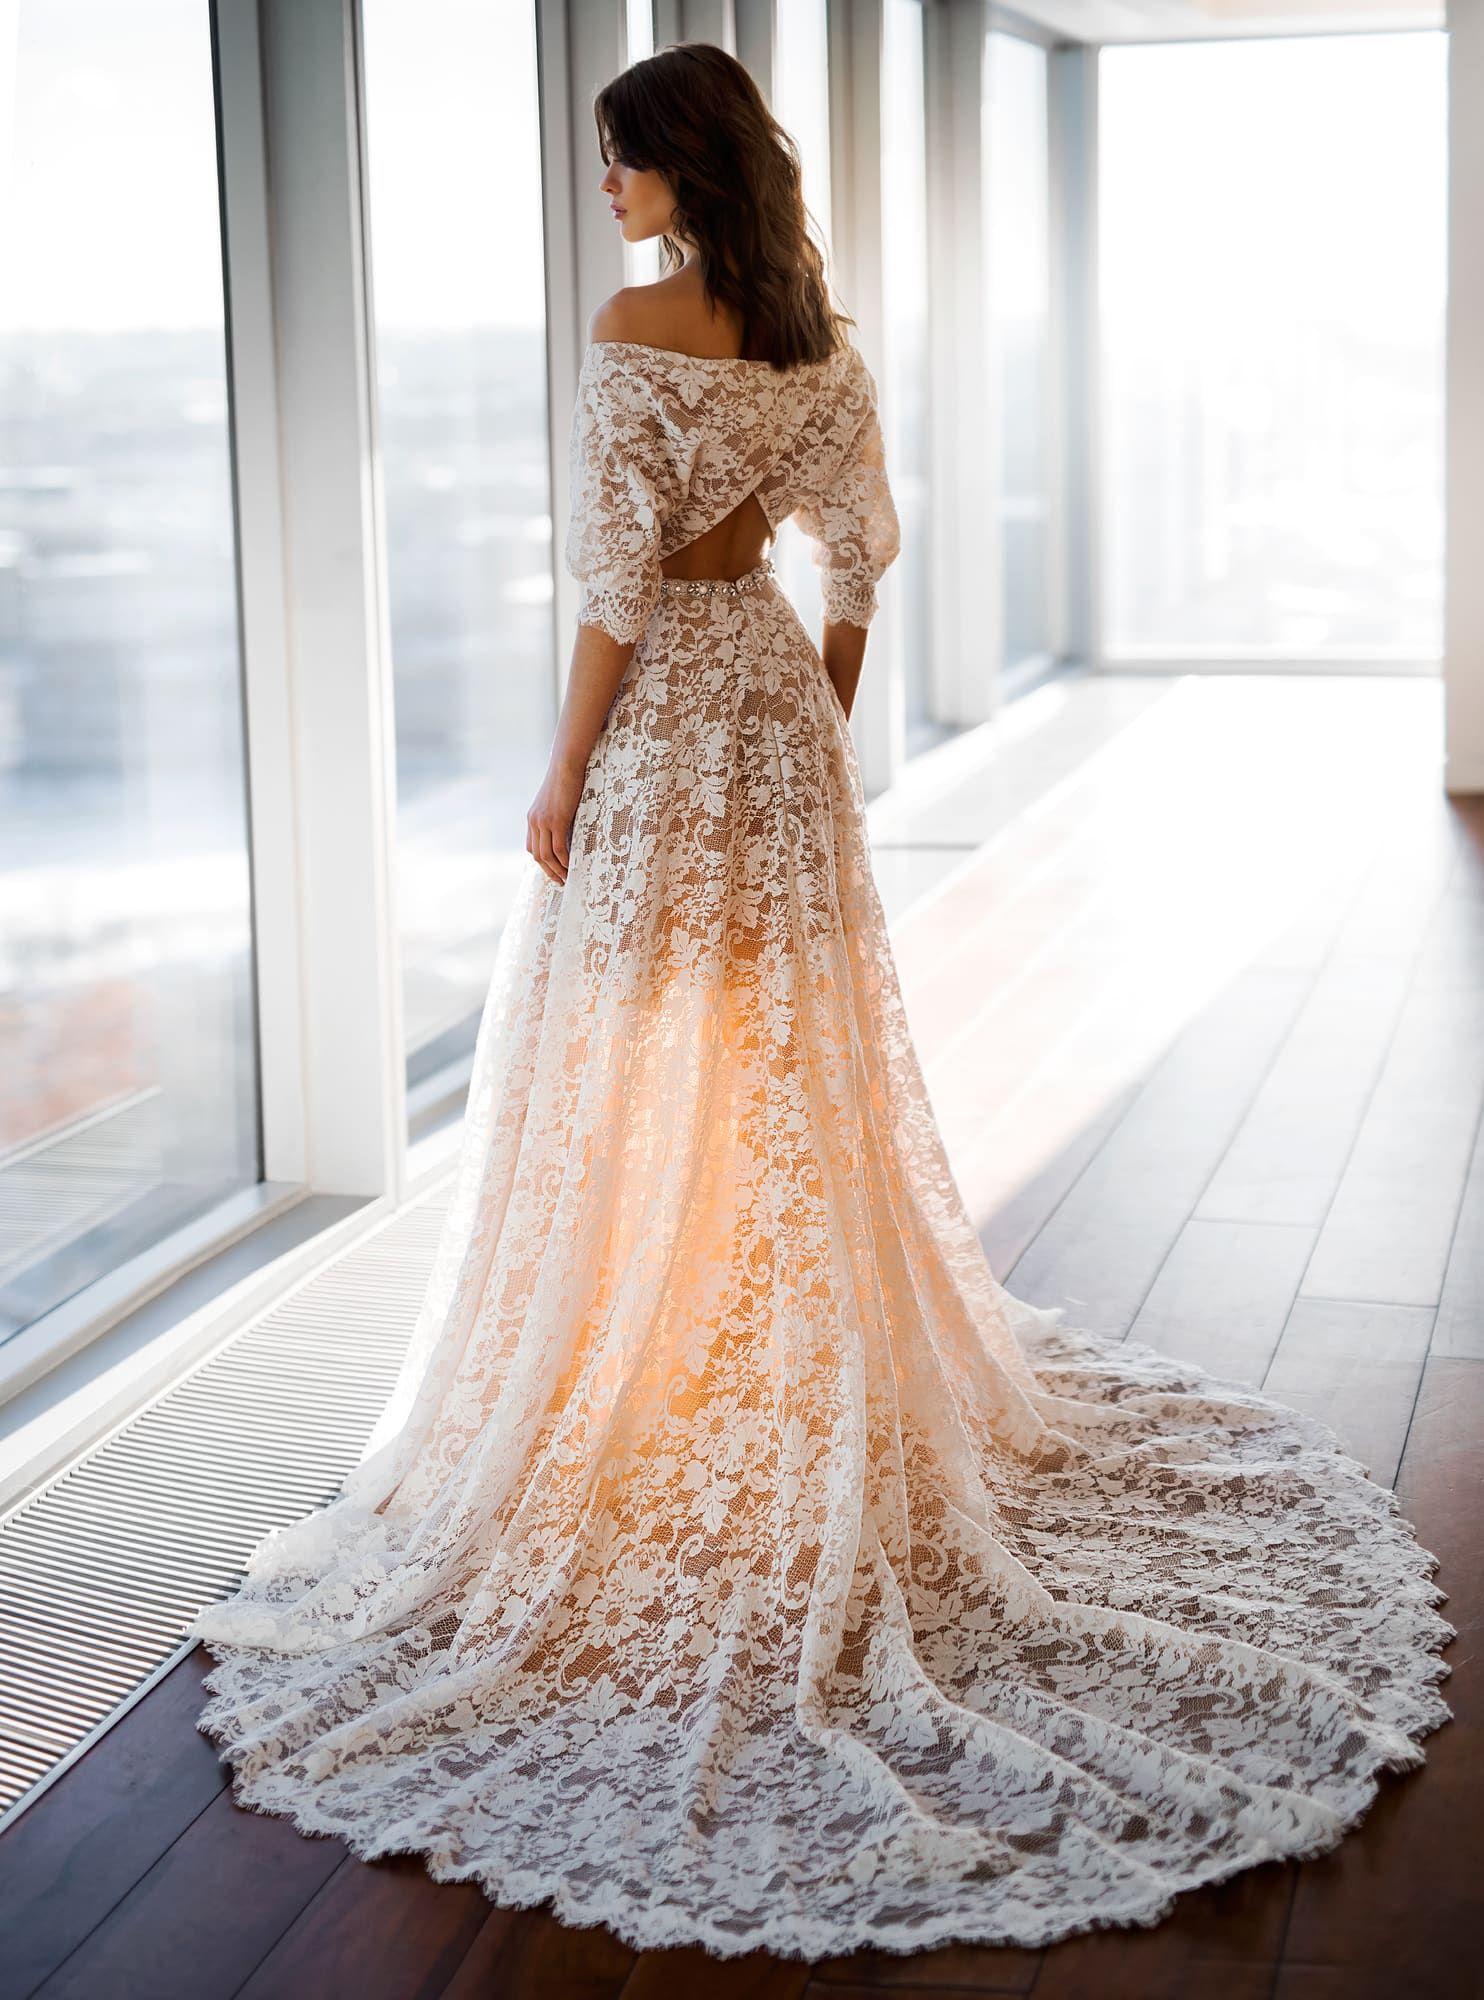 купить красивое платье в екатеринбурге